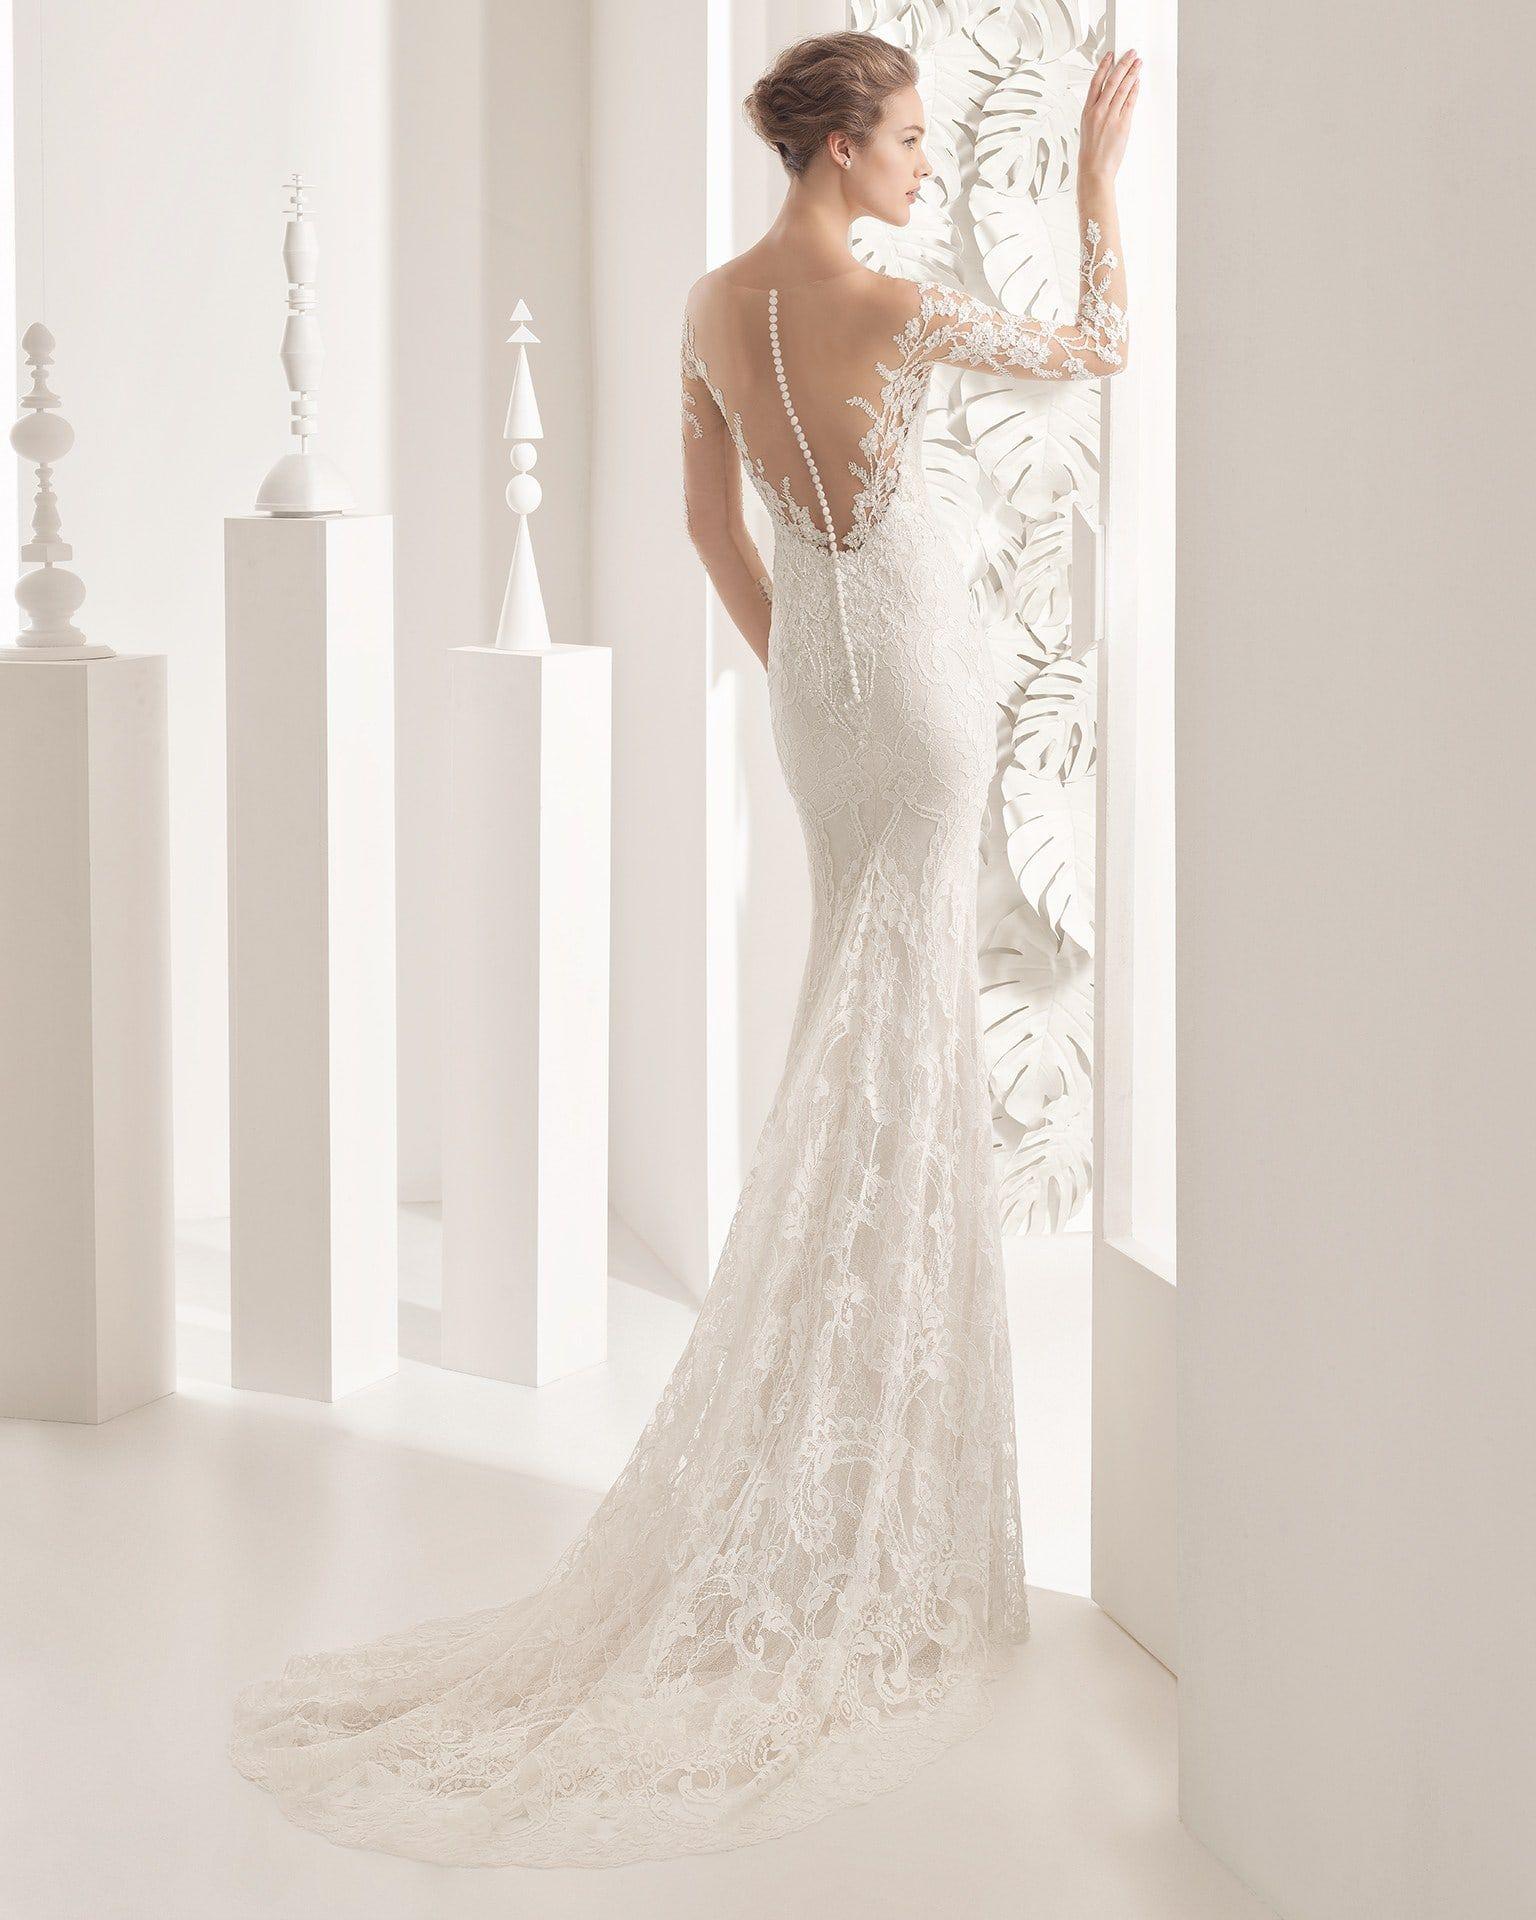 Hochzeitskleid-Kleider-04 | Brautkleider | Pinterest